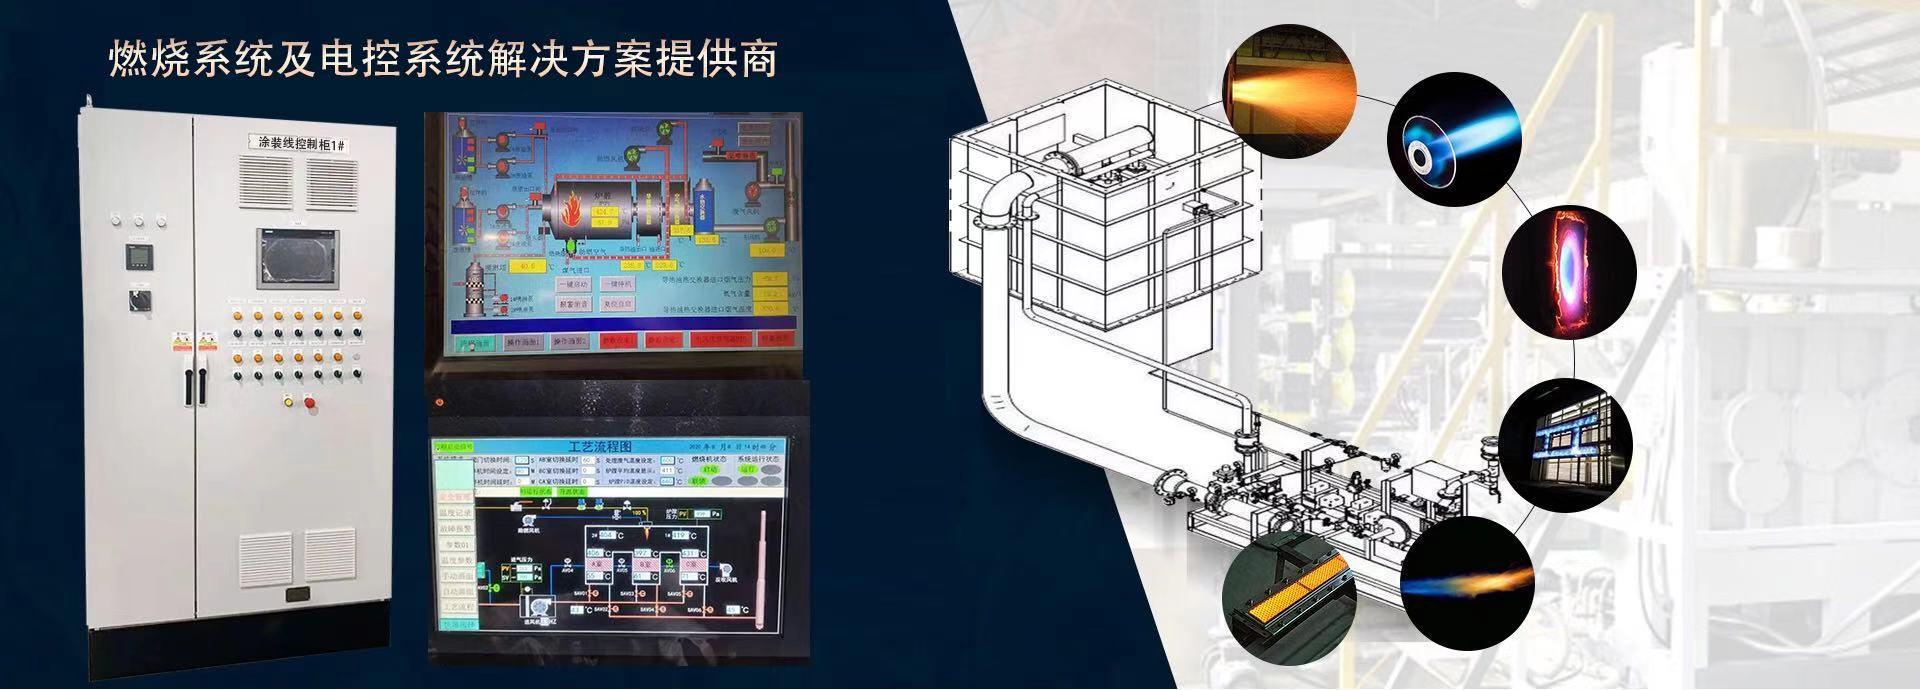 汇多宝依据实际加热工况需求 定制方案&推荐选型 执行燃烧控制系统设计标准 燃烧系统更稳定